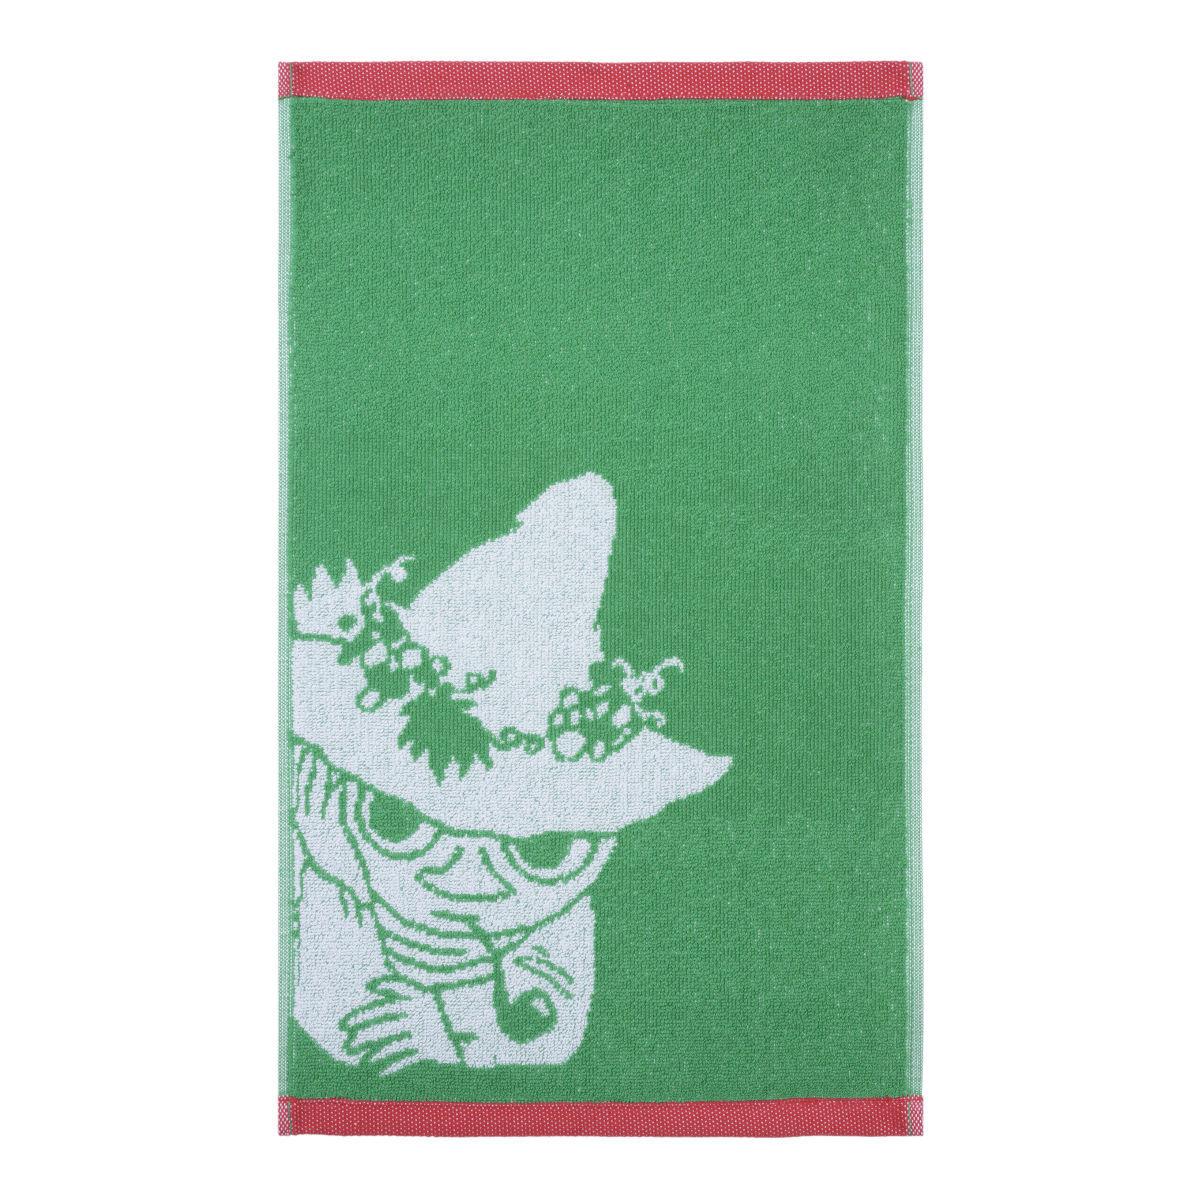 Snusmumriken handduk röd/grön, Finlayson